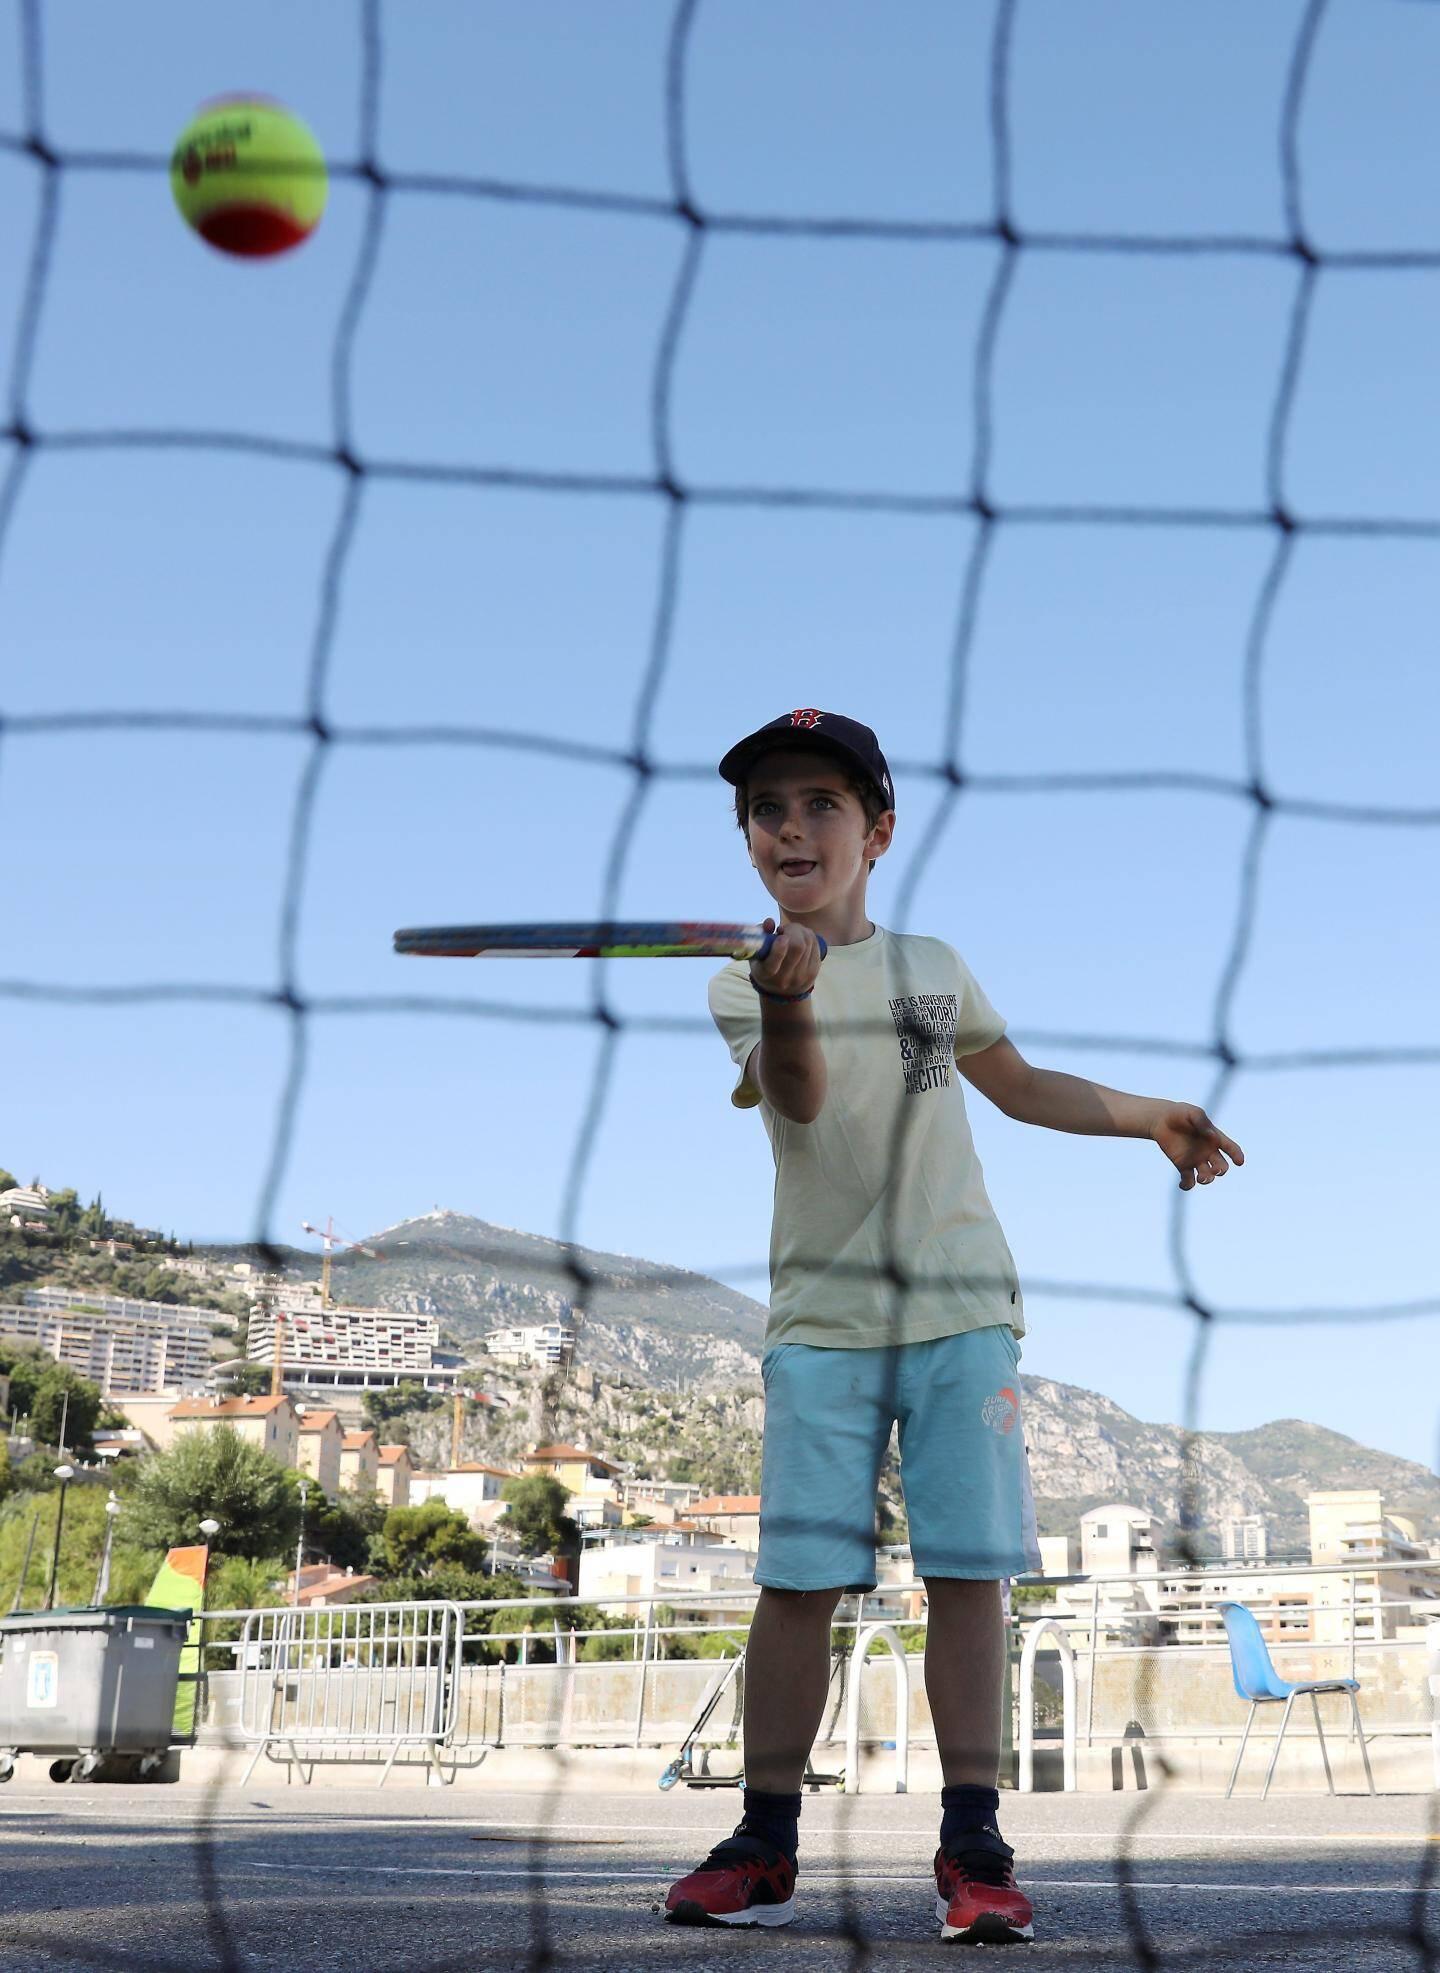 Filet, balle, raquette : prêt pour les courts de tennis ?